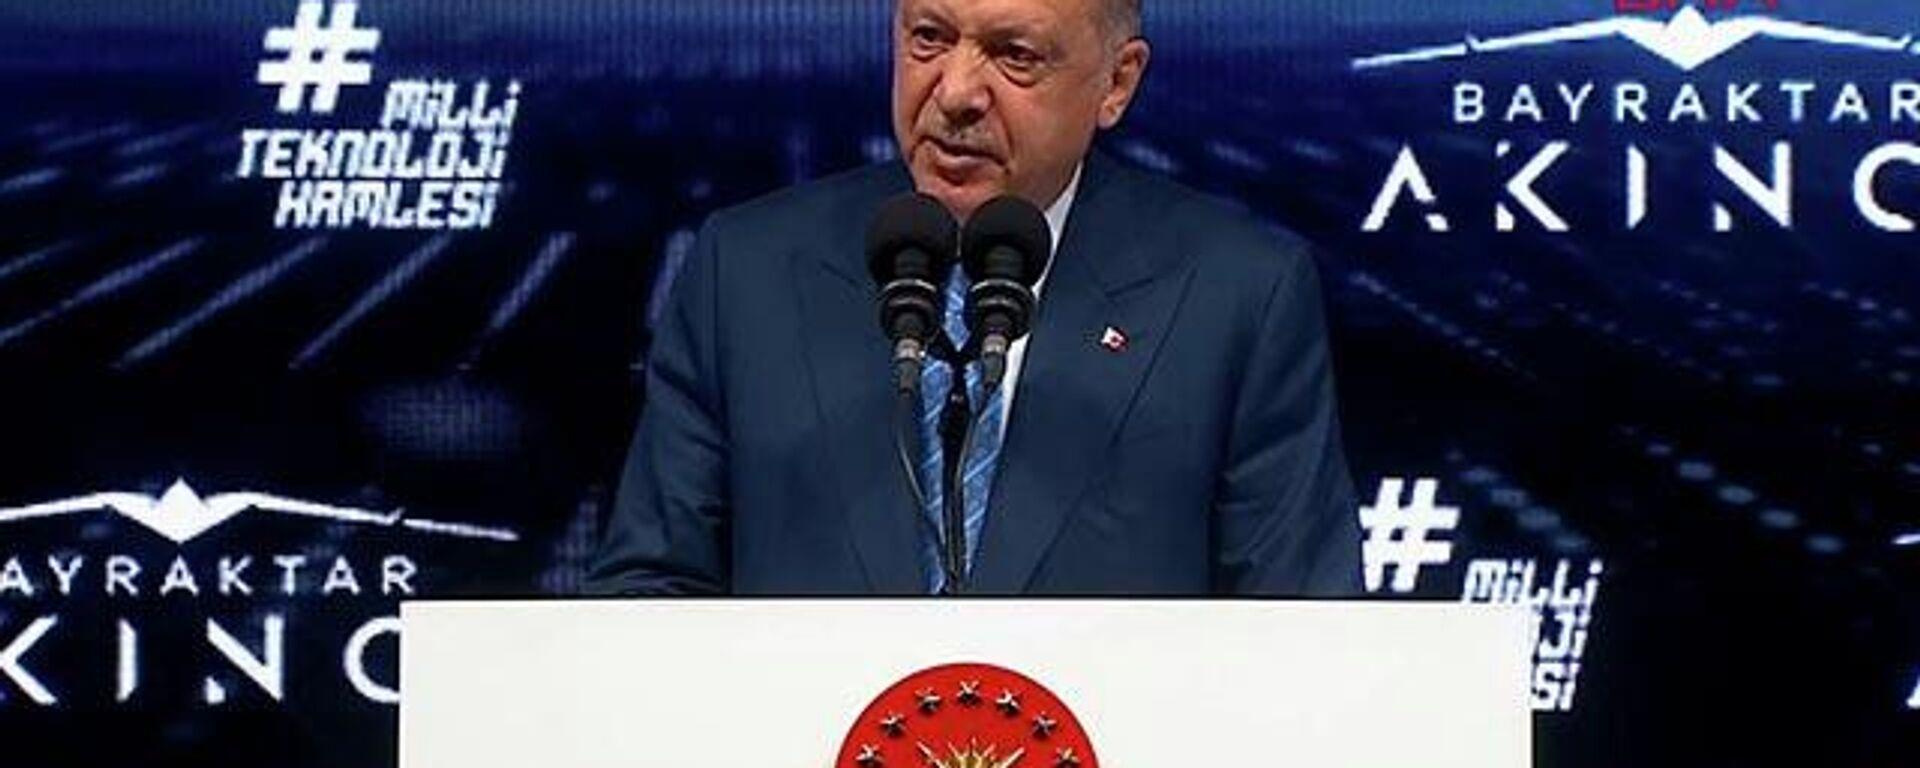 Cumhurbaşkanı Erdoğan Akıncı TİHA'nın teslimat töreninde konuşuyor  - Sputnik Türkiye, 1920, 29.08.2021